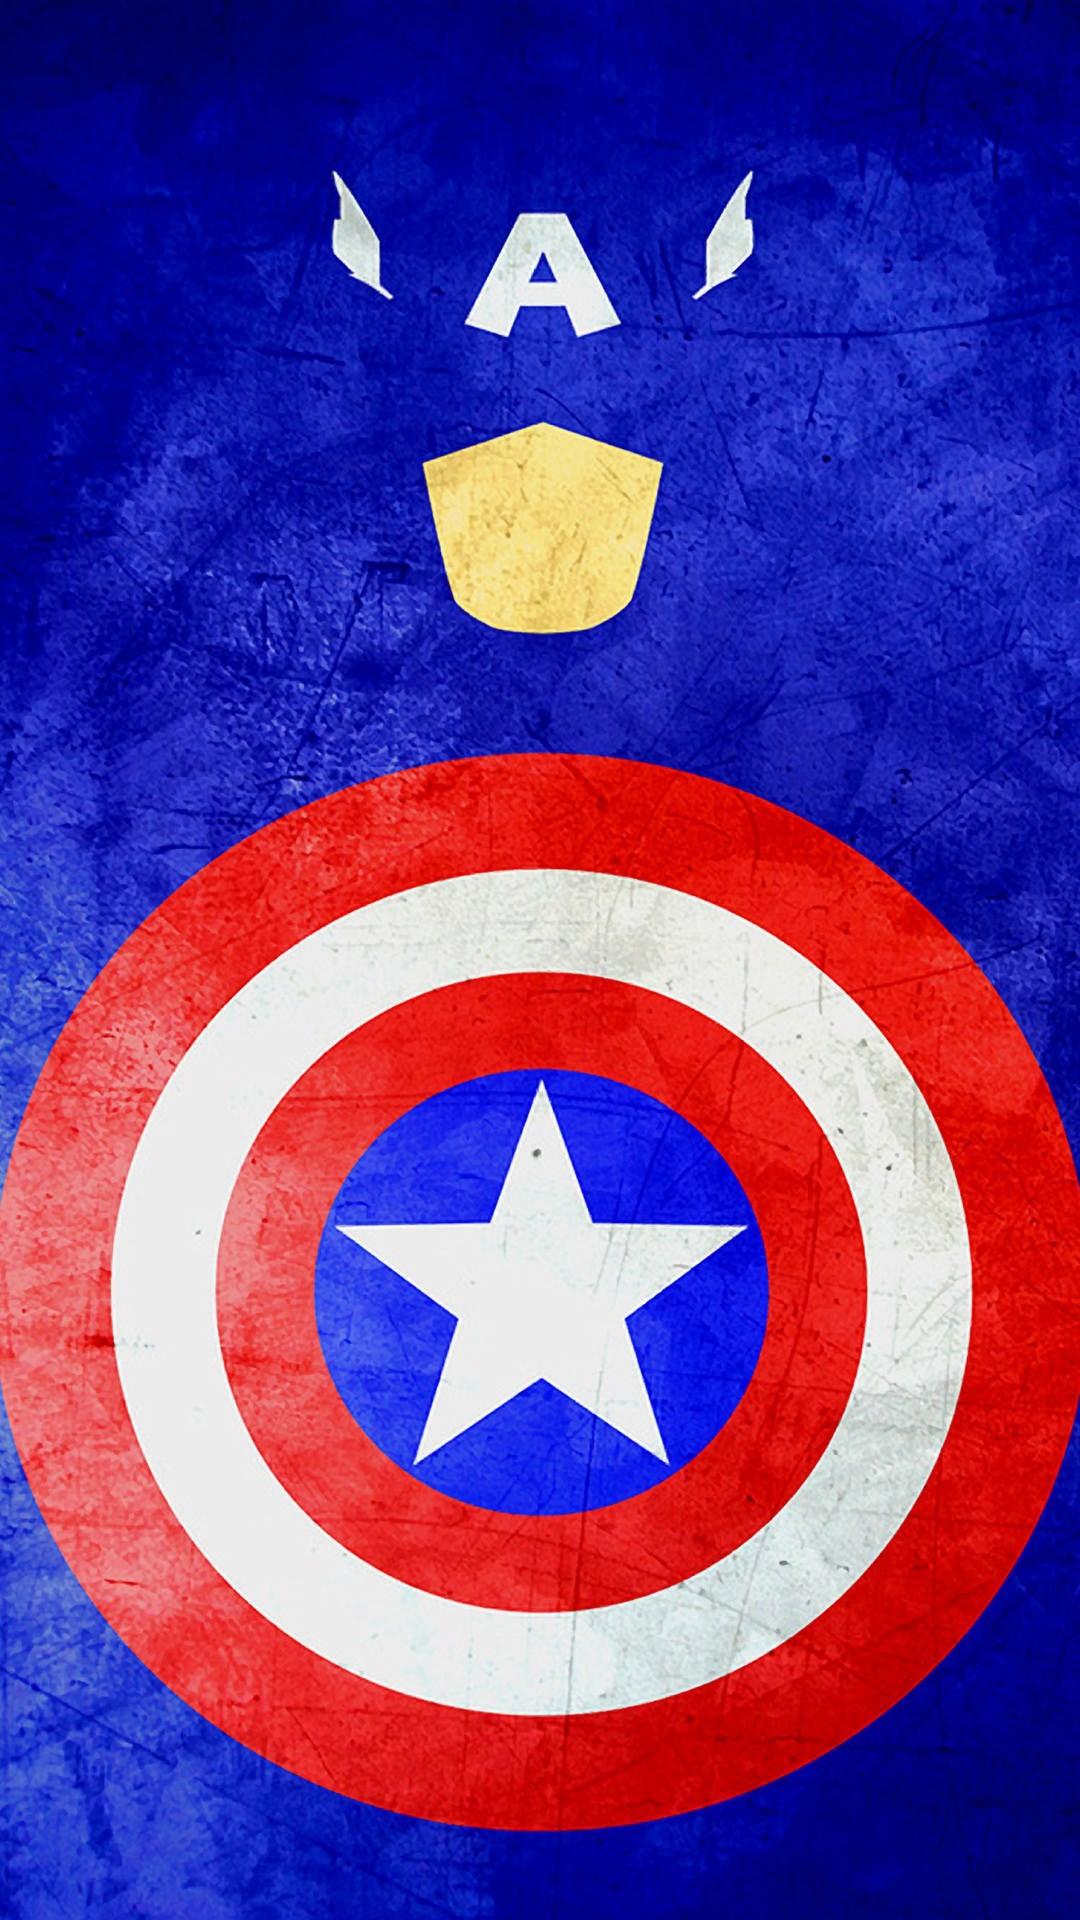 キャプテンアメリカ iPhone6 Plus 壁紙